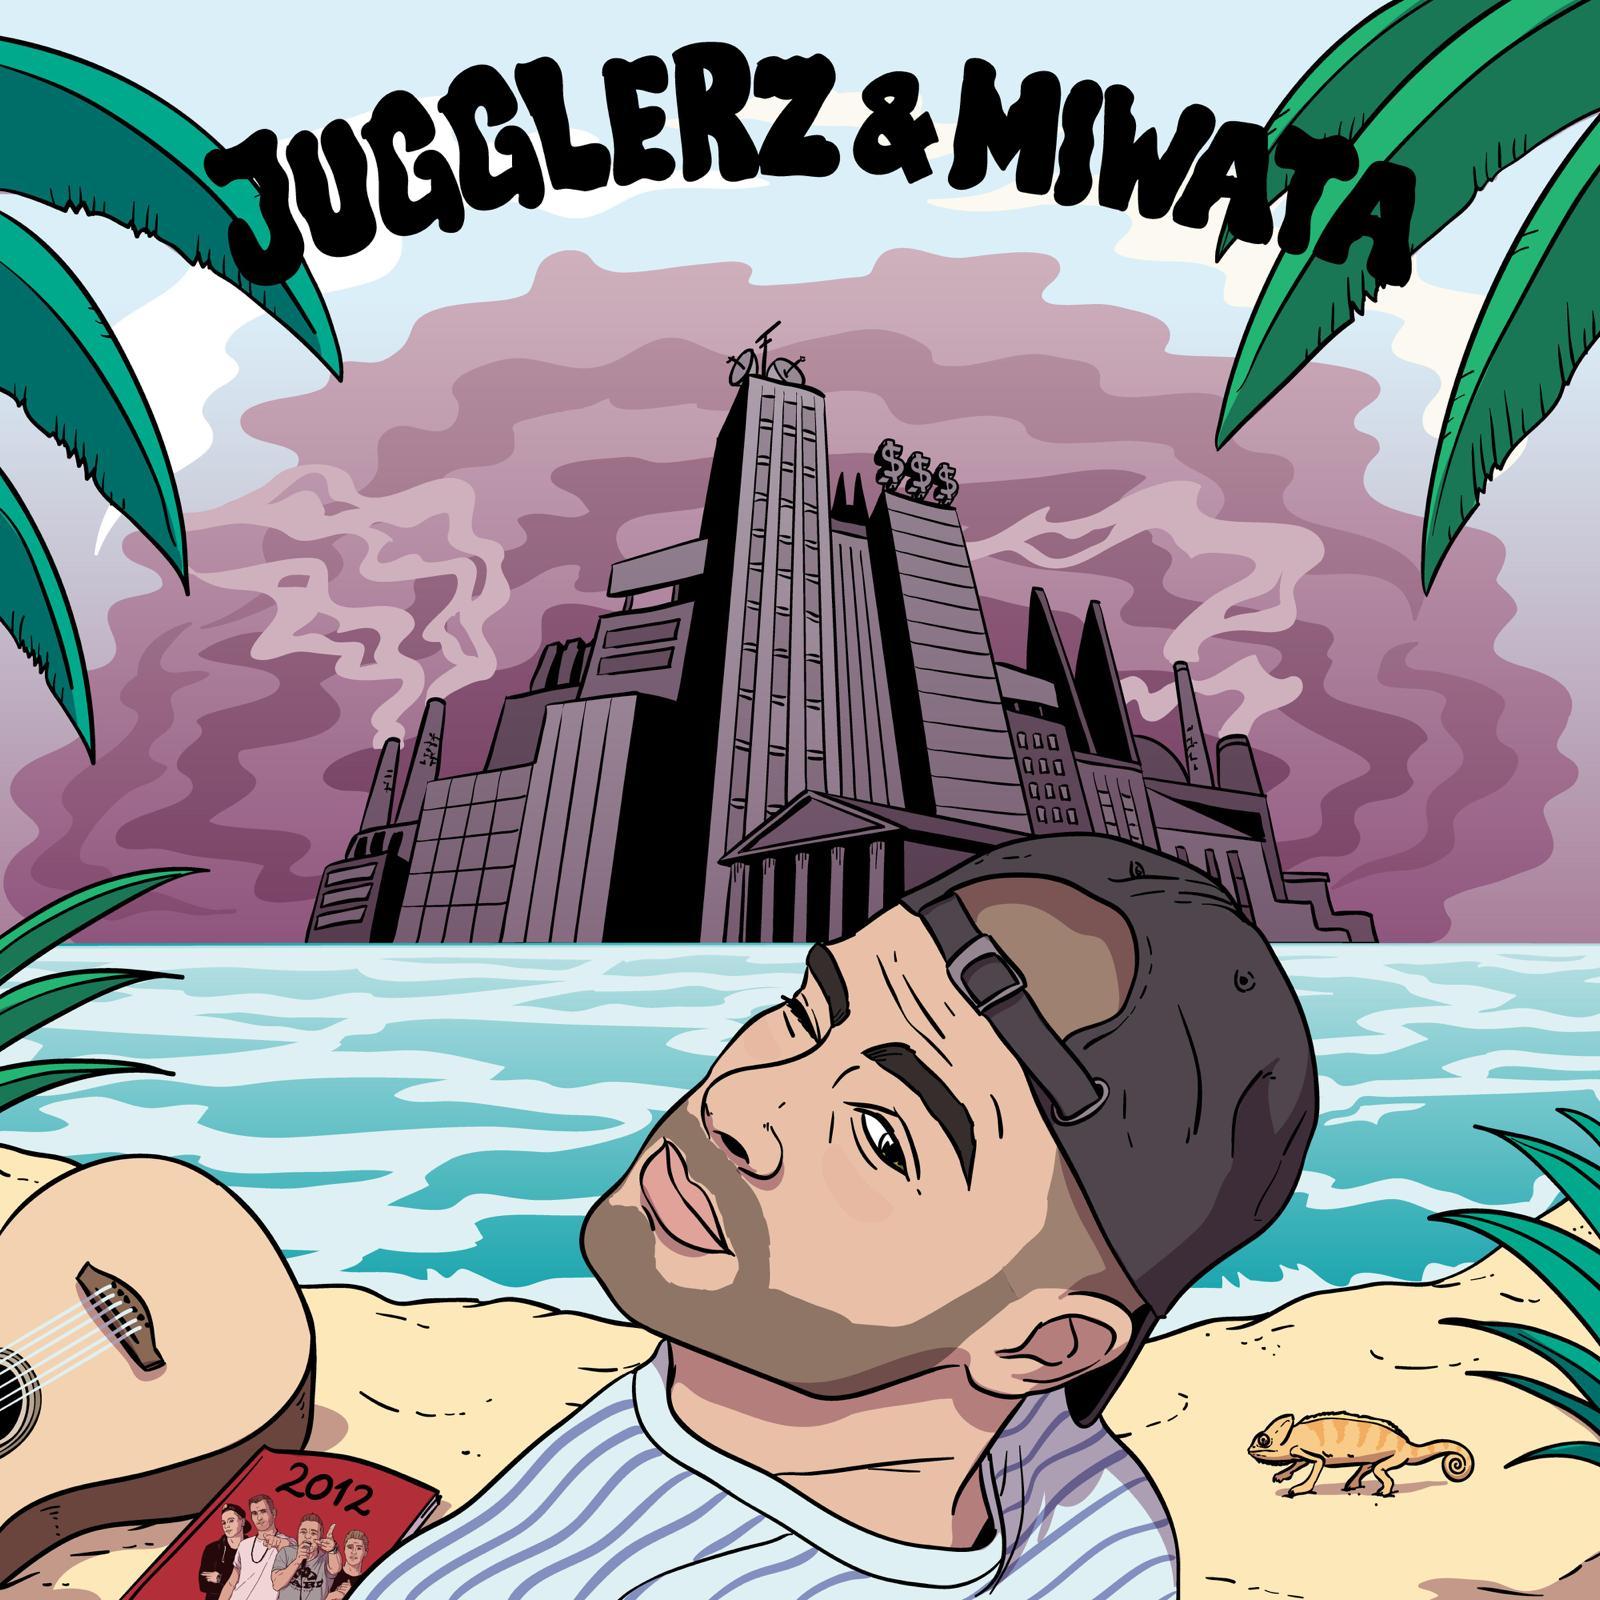 """Das Cover zur Single """"Heute"""" von Miwata feat. Jugglerz"""